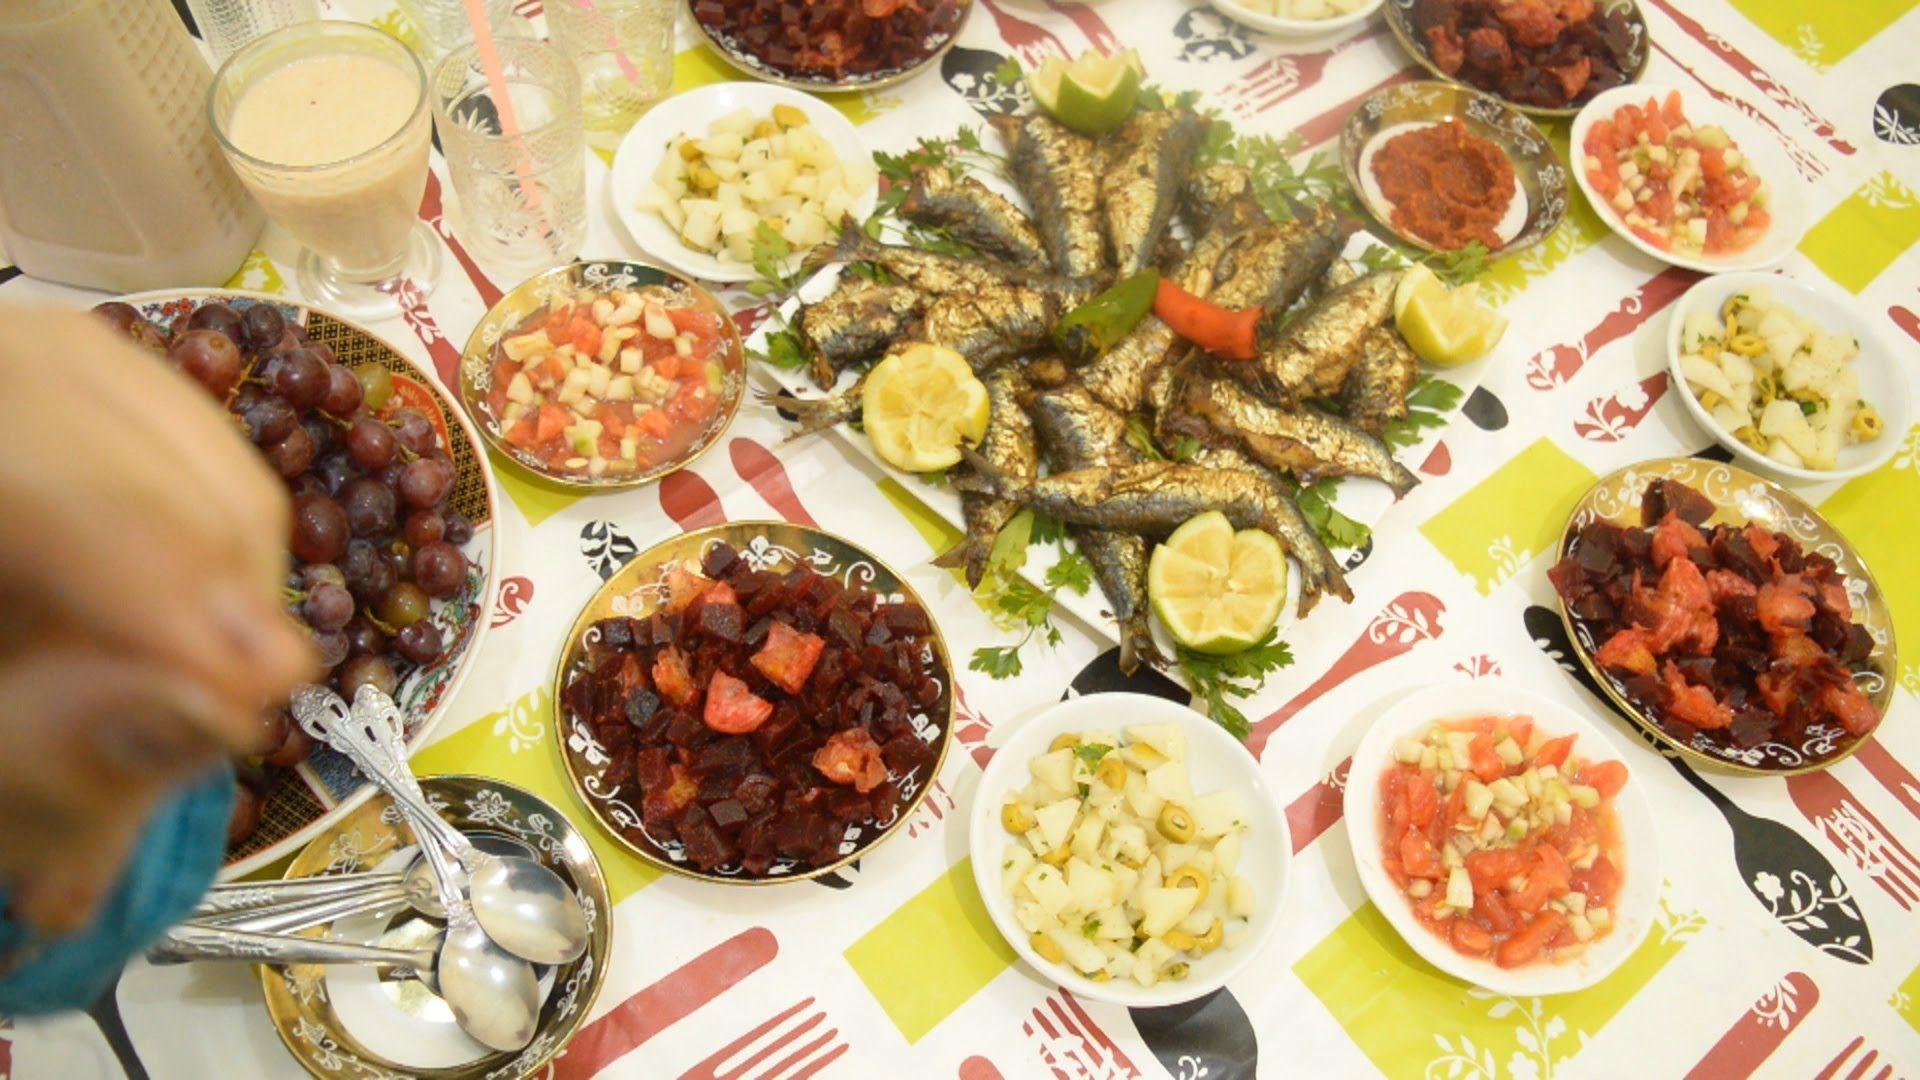 وجبة غذاء صيفية بسيطة سهلة رخيصة وصحية جدا تصلح للحمية الريجيم